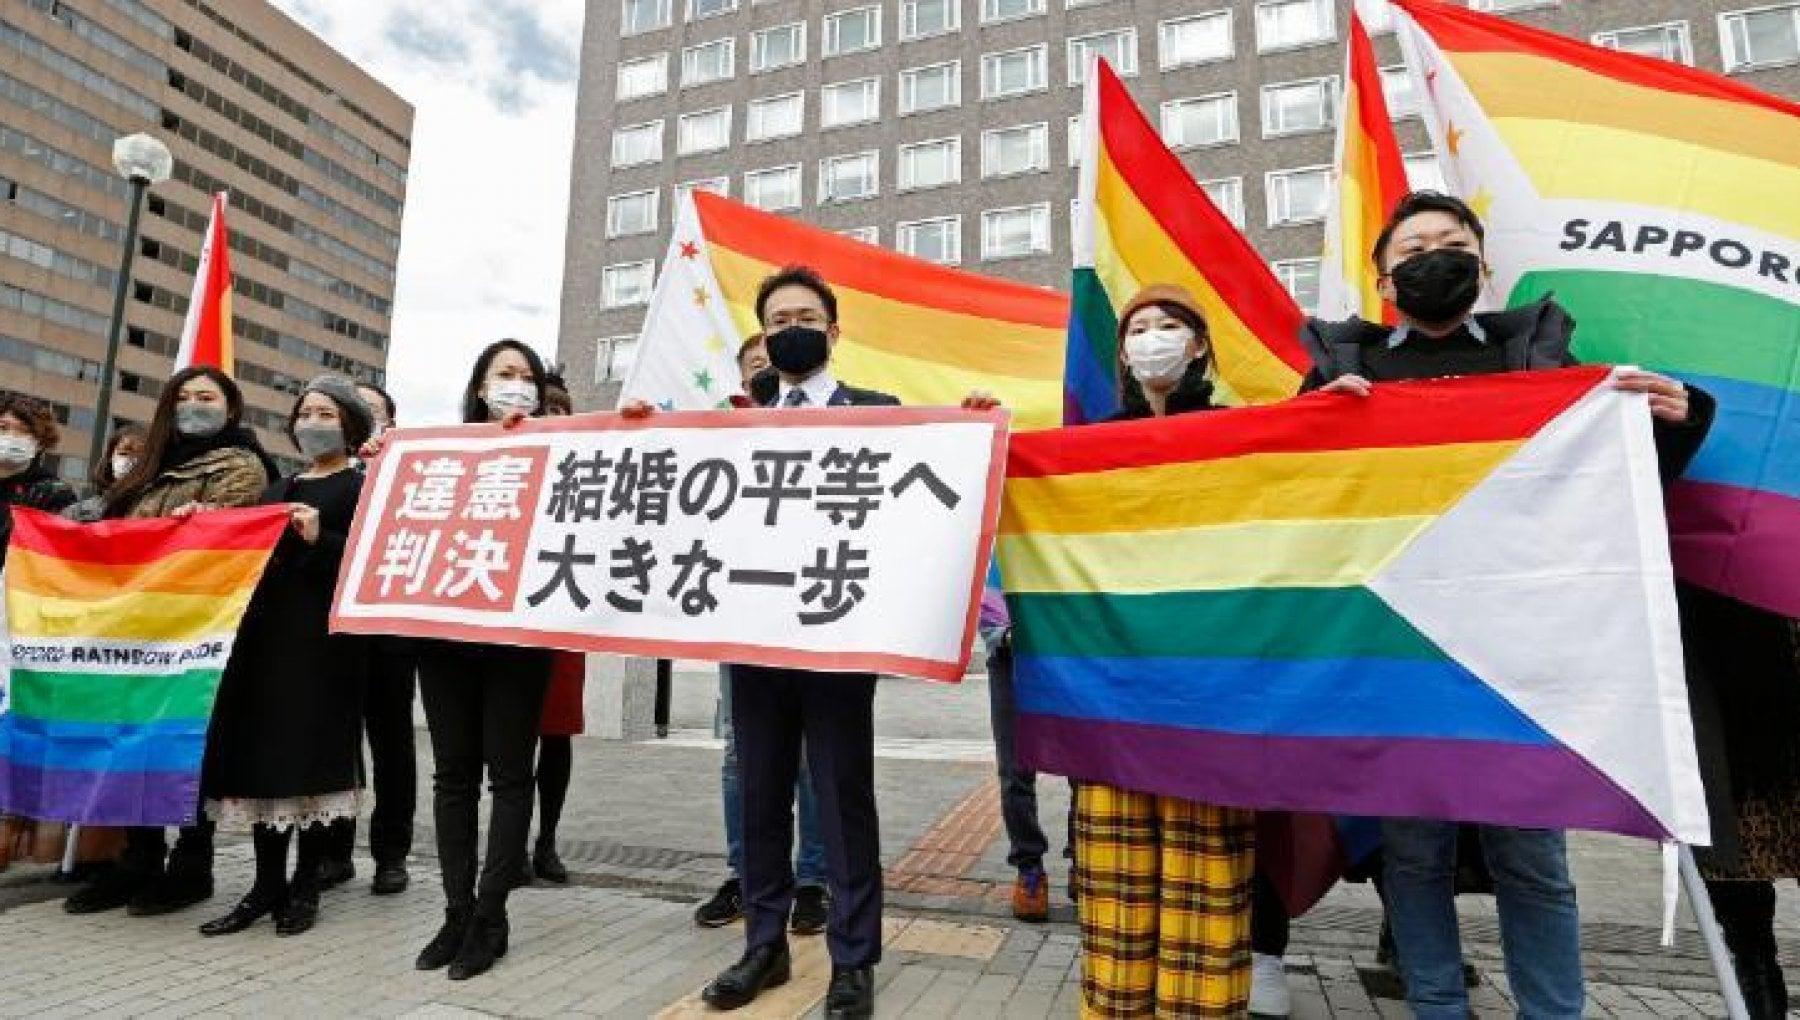 """103924425 66e7fce3 0f57 426b 8b1d 58632c30930a - Sentenza storica in Giappone: """"Il divieto di nozze gay è anticostituzionale"""""""